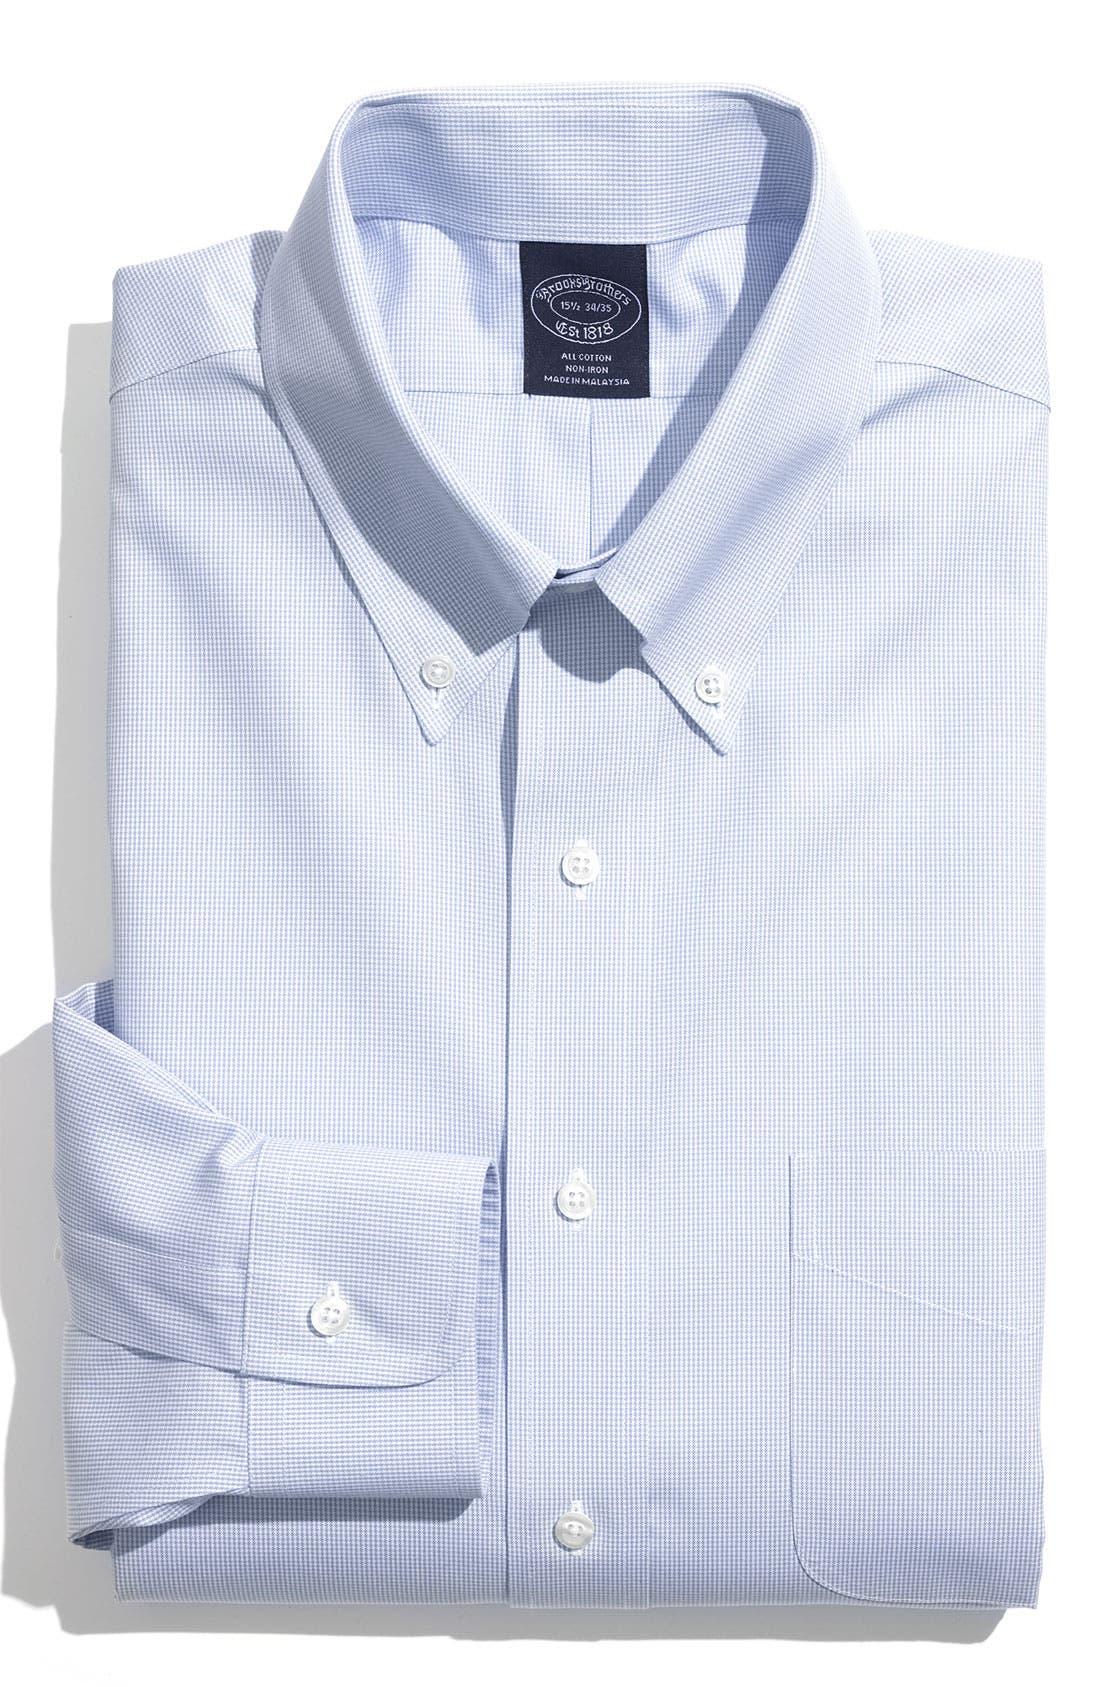 Main Image - Brooks Brothers Regular Fit Non-Iron Dress Shirt